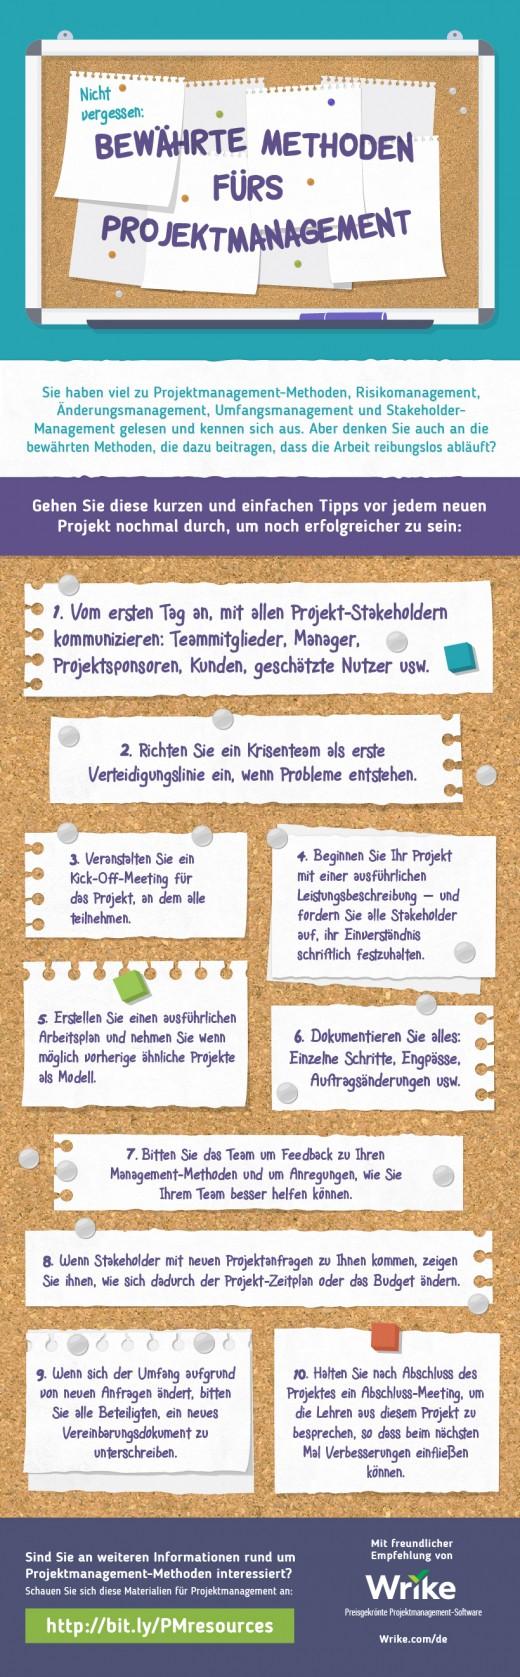 Projektmanagemnet_Best_Practices_DE-1